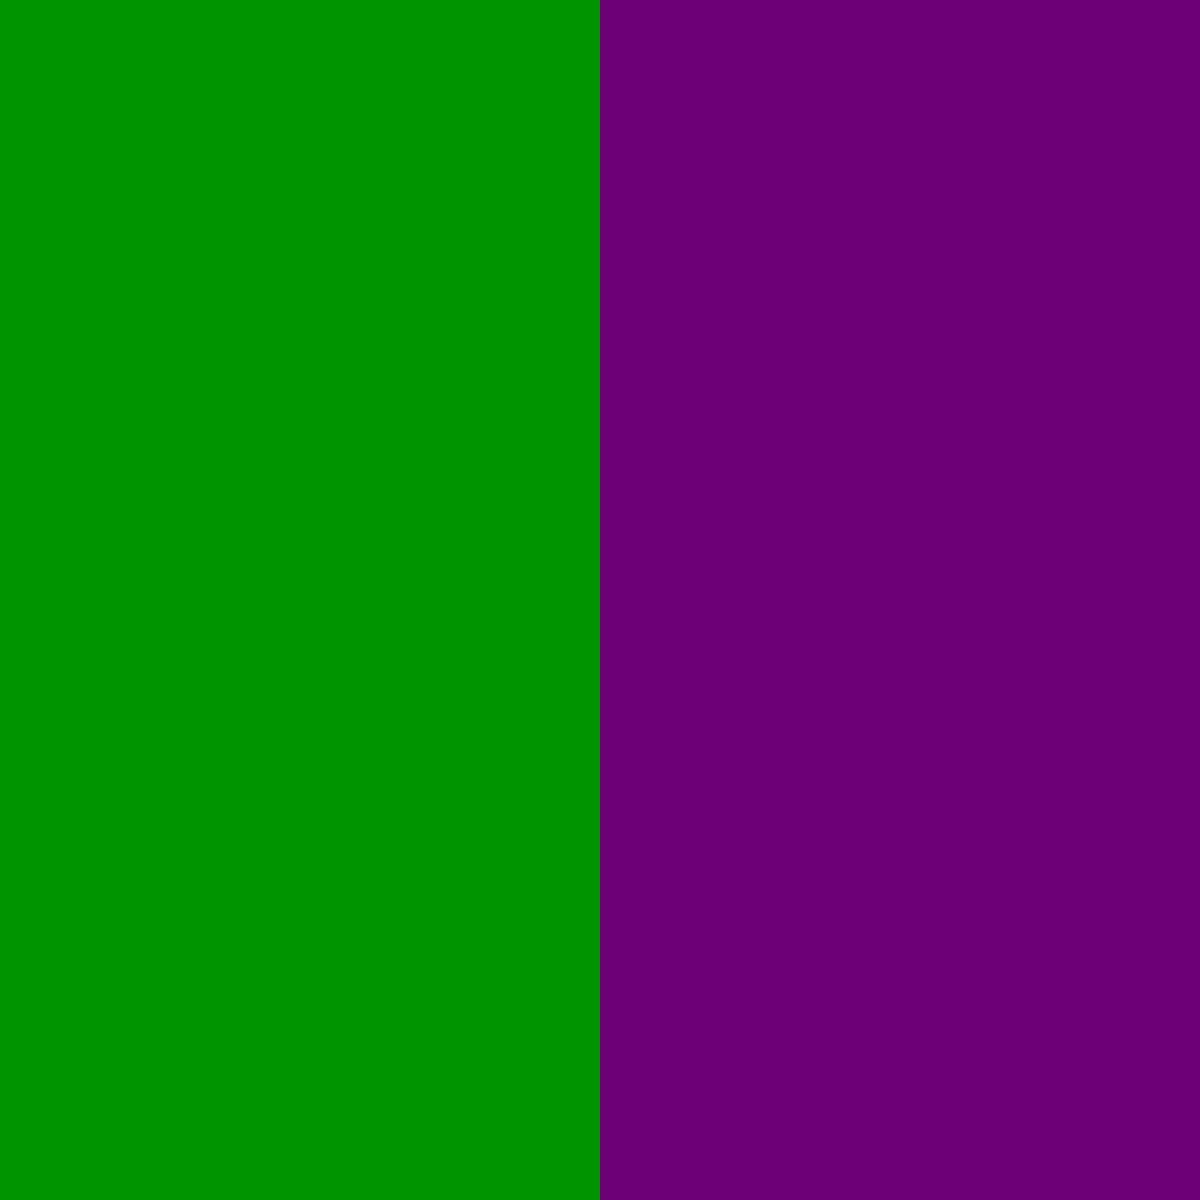 Zelená/Fialová (green/purple)